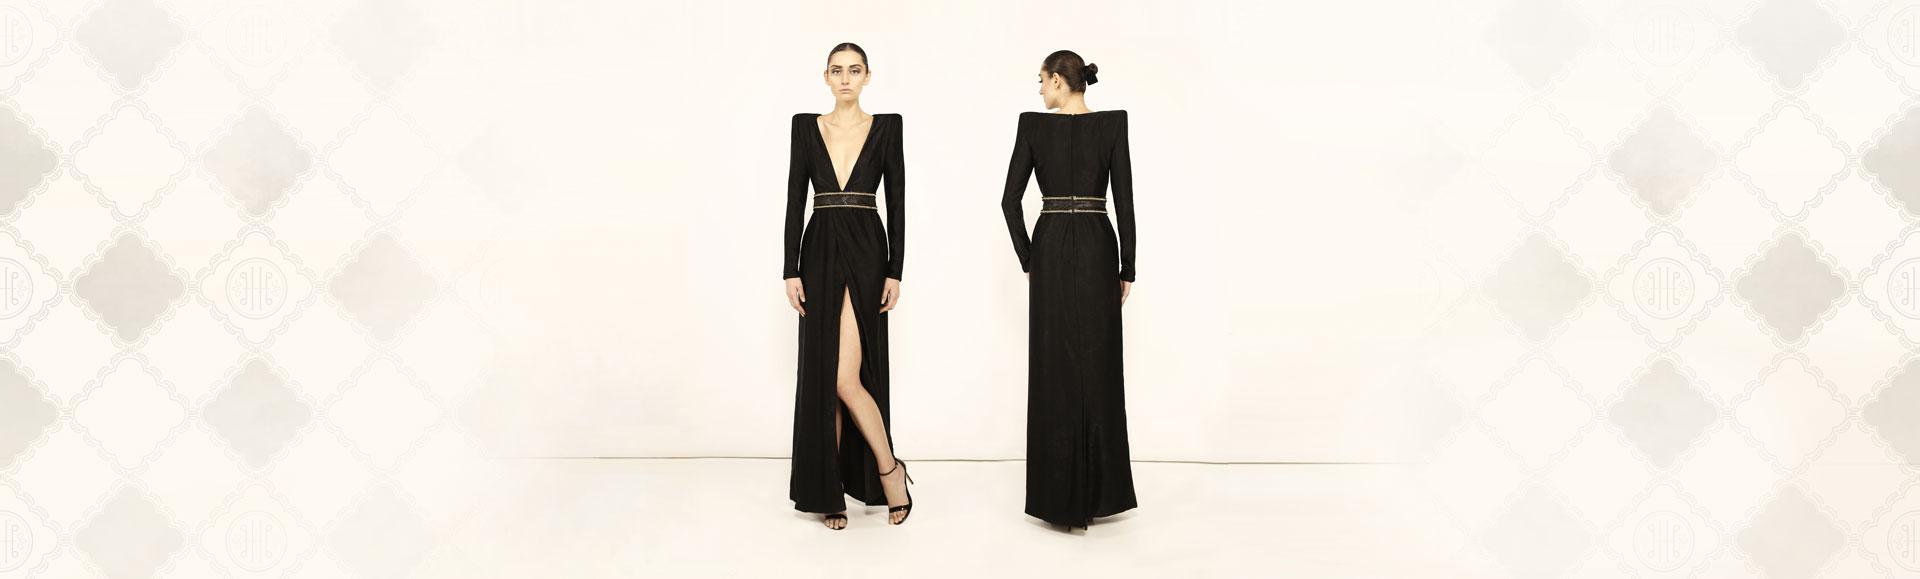 2black-ballerina-dress-1-web.jpg